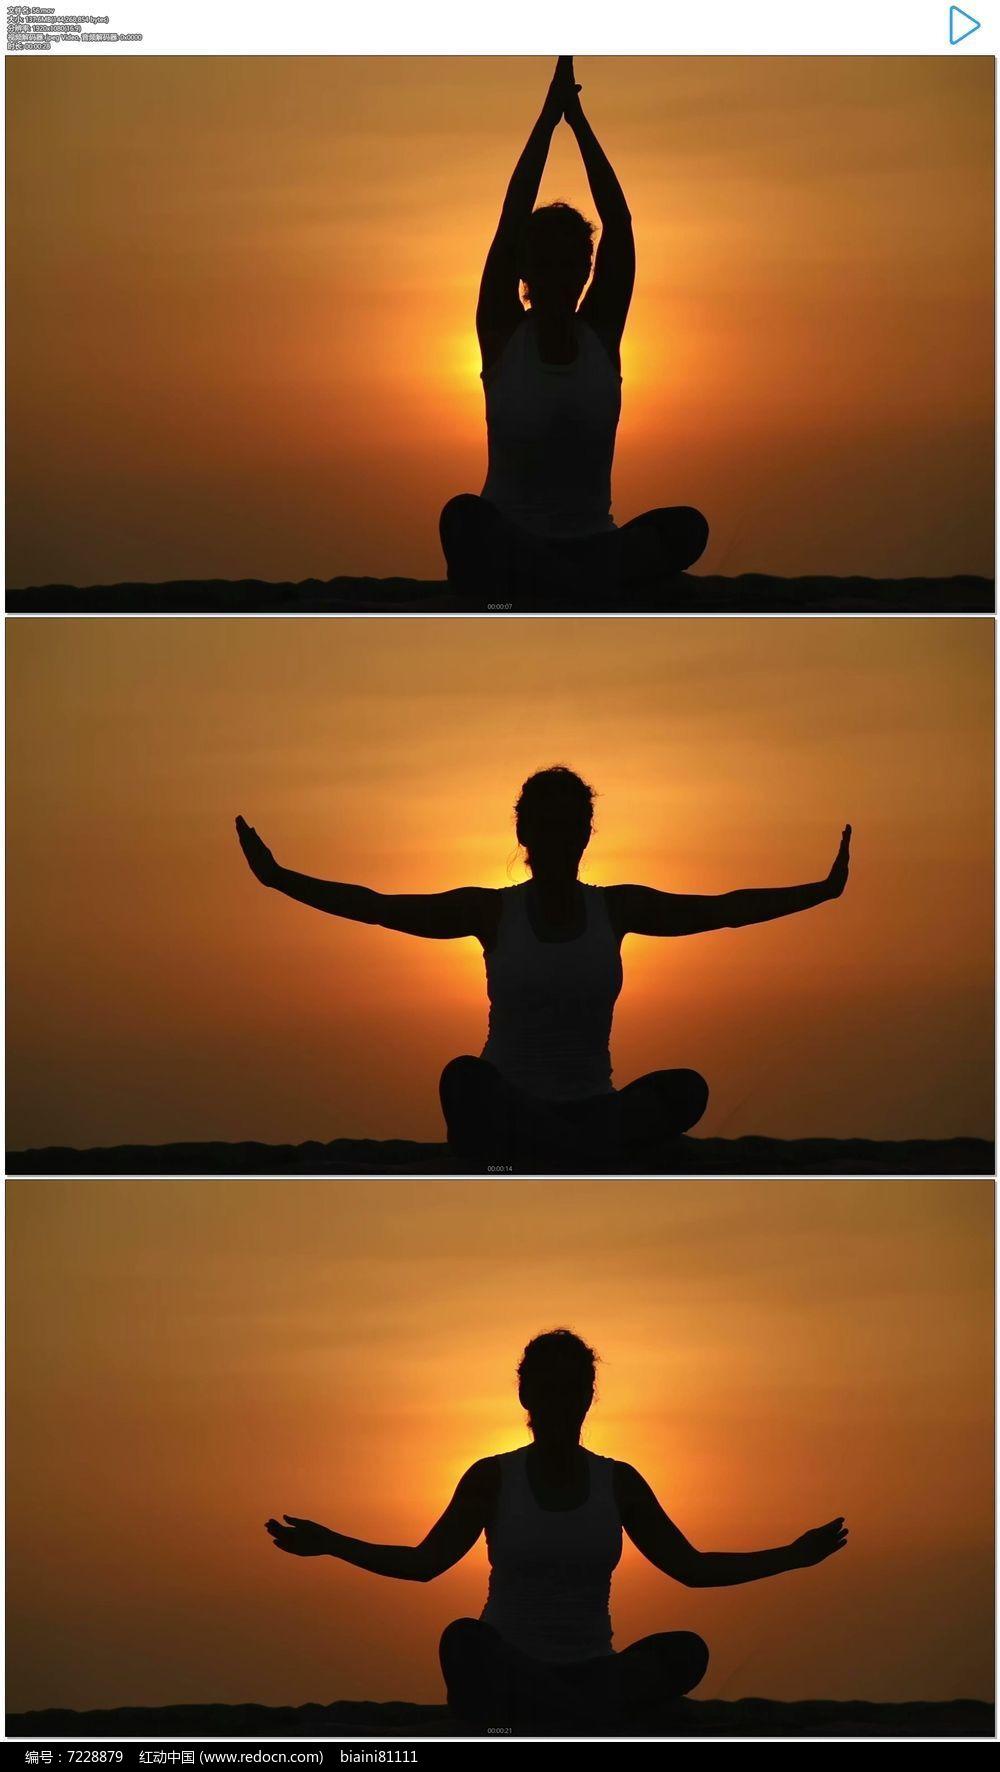 美女面對夕陽練瑜伽冥想剪實拍視頻素材圖片圖片